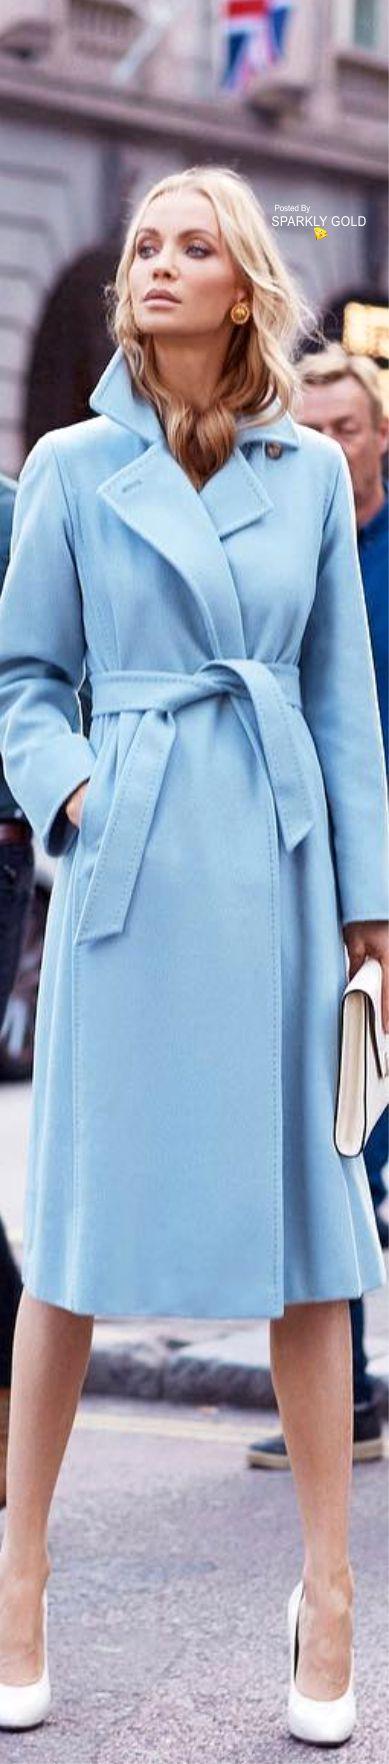 Beautiful blue coat